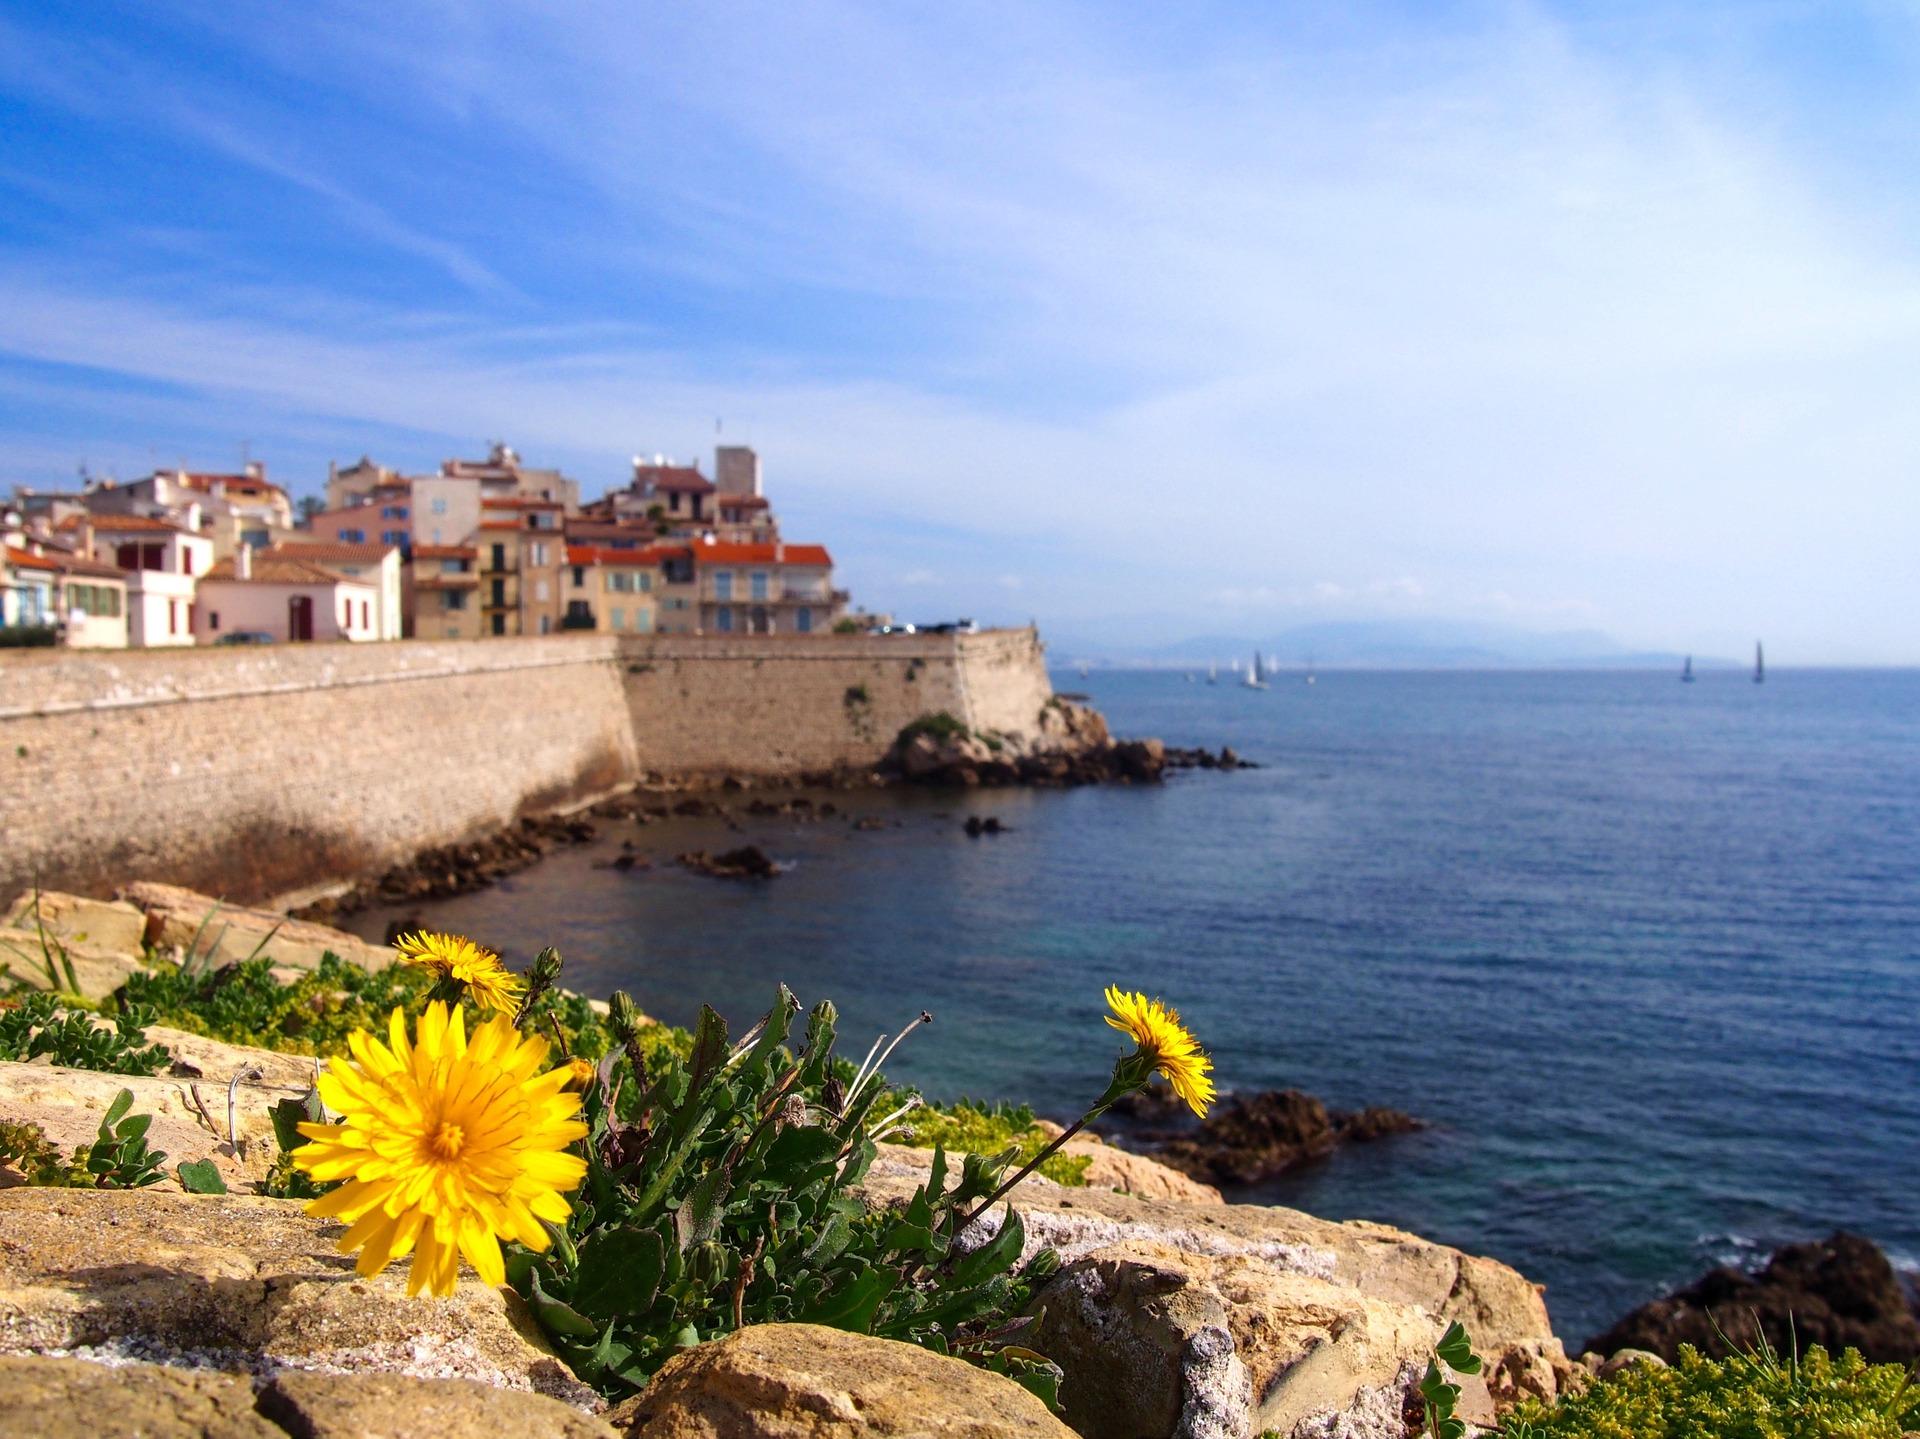 Antibes - wandelingen aan de Côte d'Azur